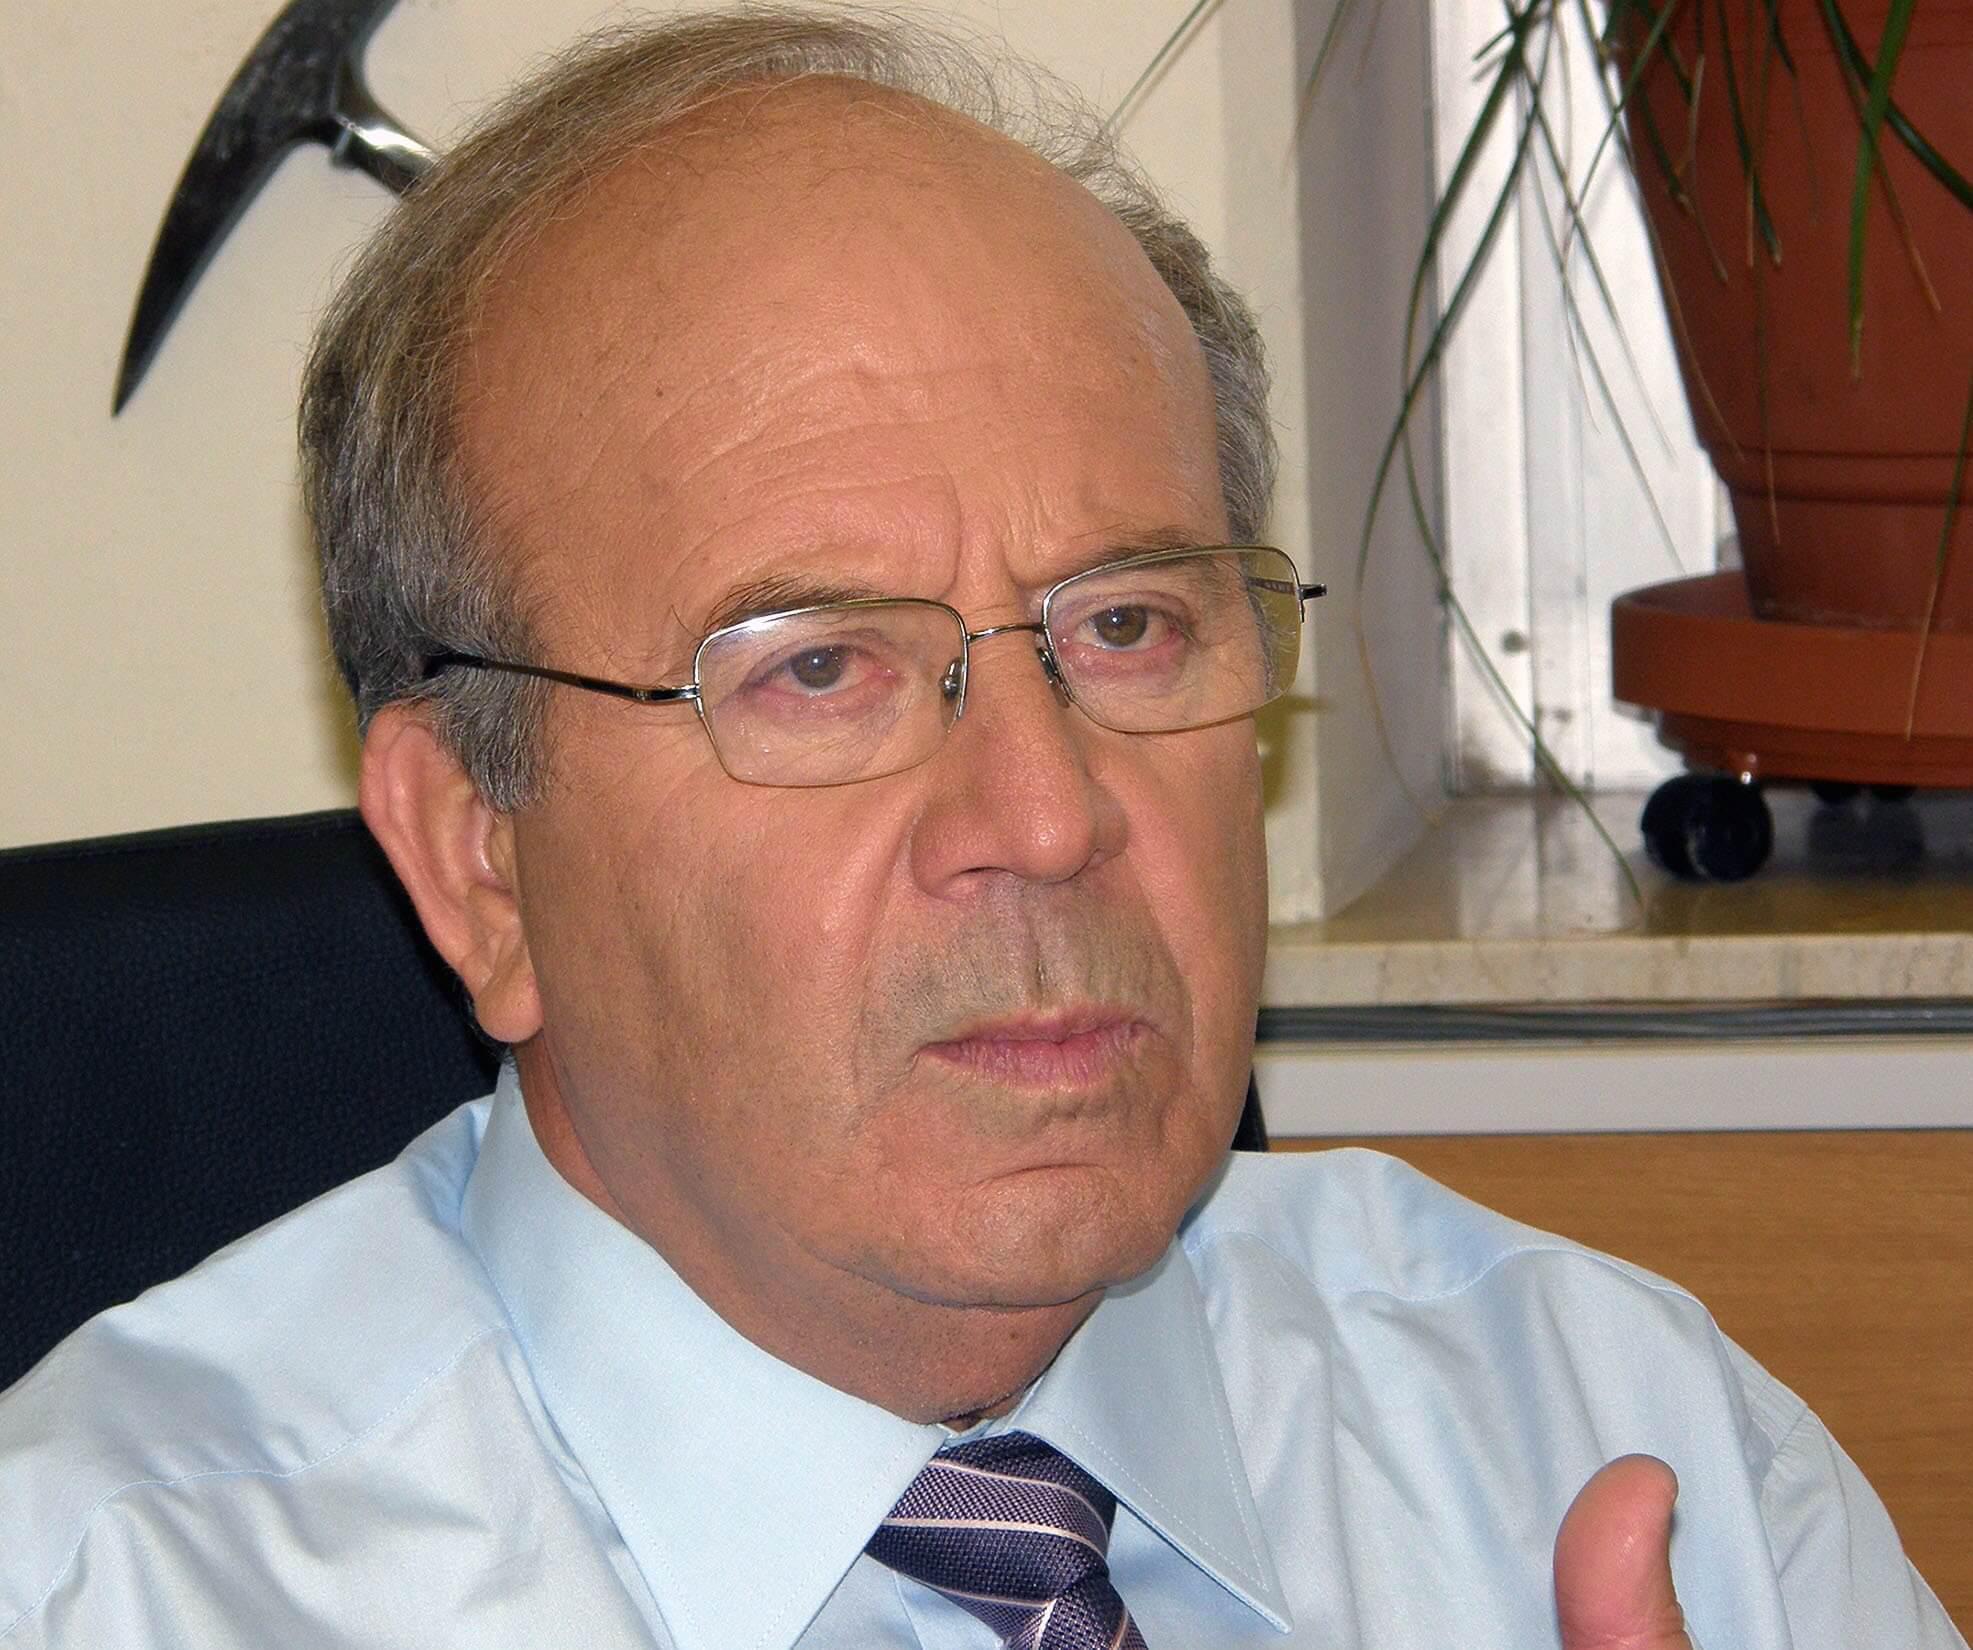 Μιχαήλ Δ. Δερμιτζάκης | Επίτιμος - Ομότιμος Καθηγητής Γεωλογίας και Παλαιοντολογίας | Τμήμα Γεωλογίας και Γεωπεριβάλλοντος ΕΚΠΑ